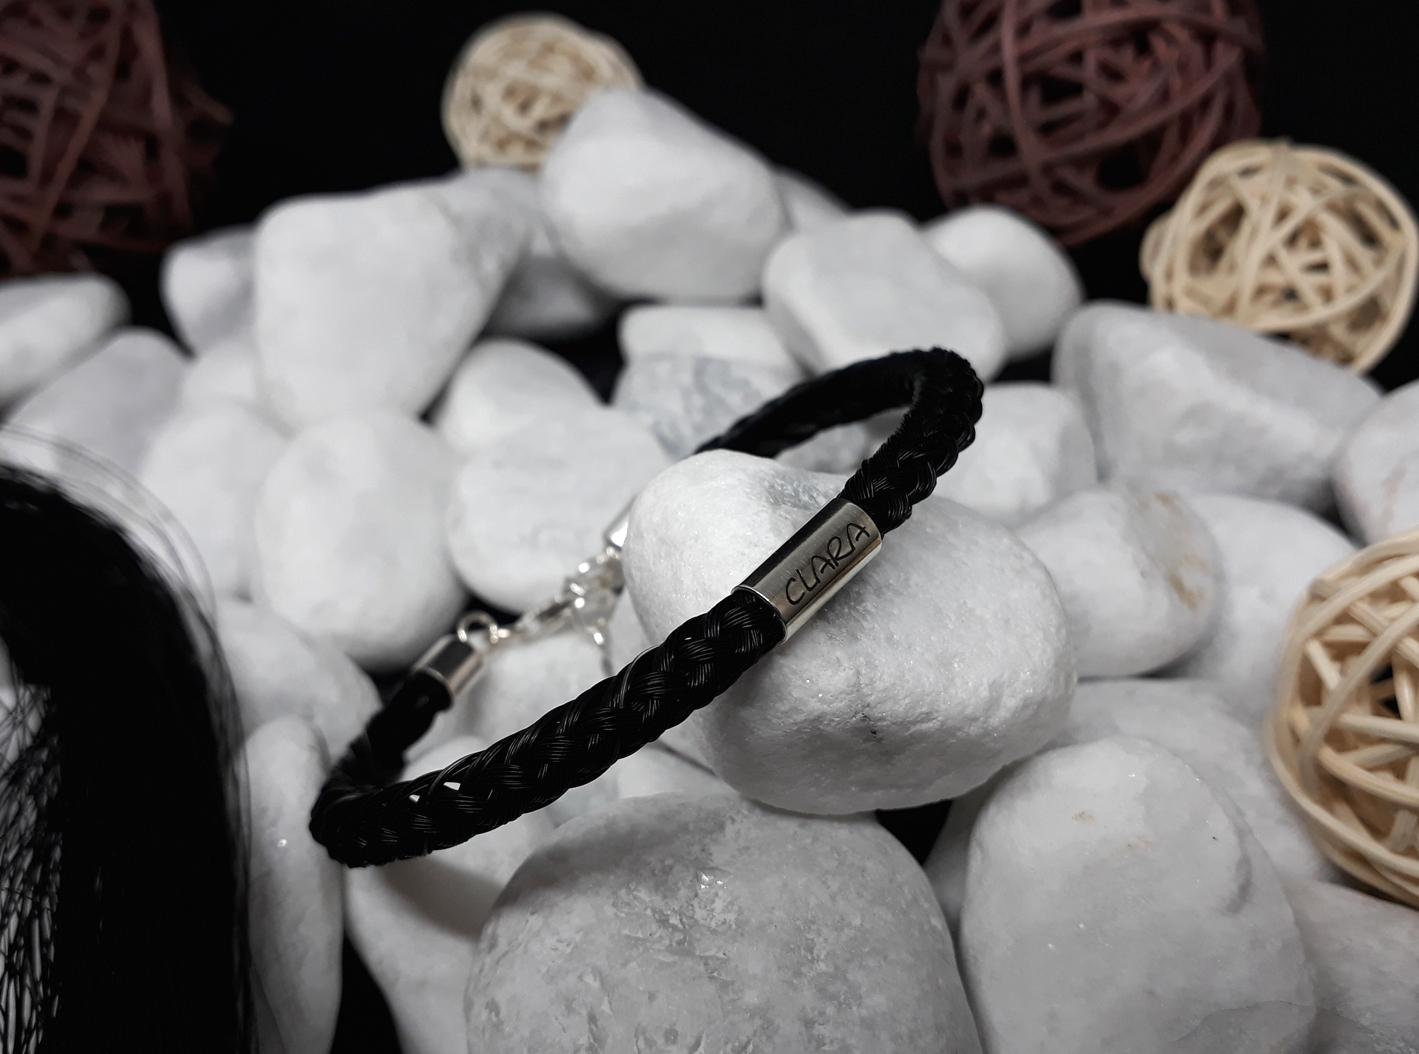 R8-Gravur-Silberhülse (dick): Rund geflochtenes Armband aus 8 schwarzen Strängen mit 925er Silber-Hülse (dick) mit Gravur, mit 925er Silber-Karabinerverschluss - Preis: 79 Euro